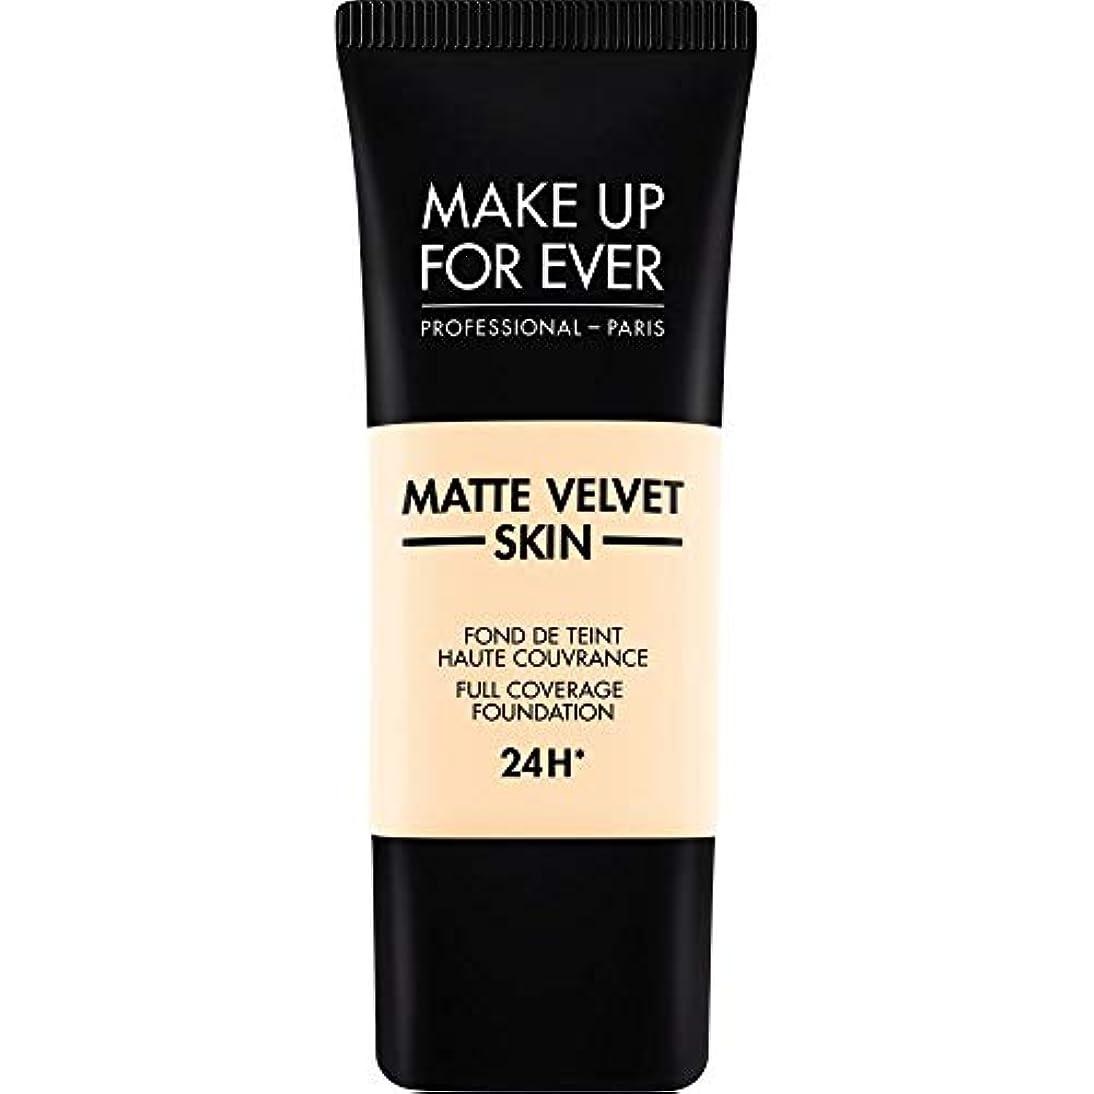 チャーミング豚肉農学[MAKE UP FOR EVER] これまでマットベルベットの皮膚のフルカバレッジ基礎30ミリリットルのY205を補う - アラバスター - MAKE UP FOR EVER Matte Velvet Skin Full...